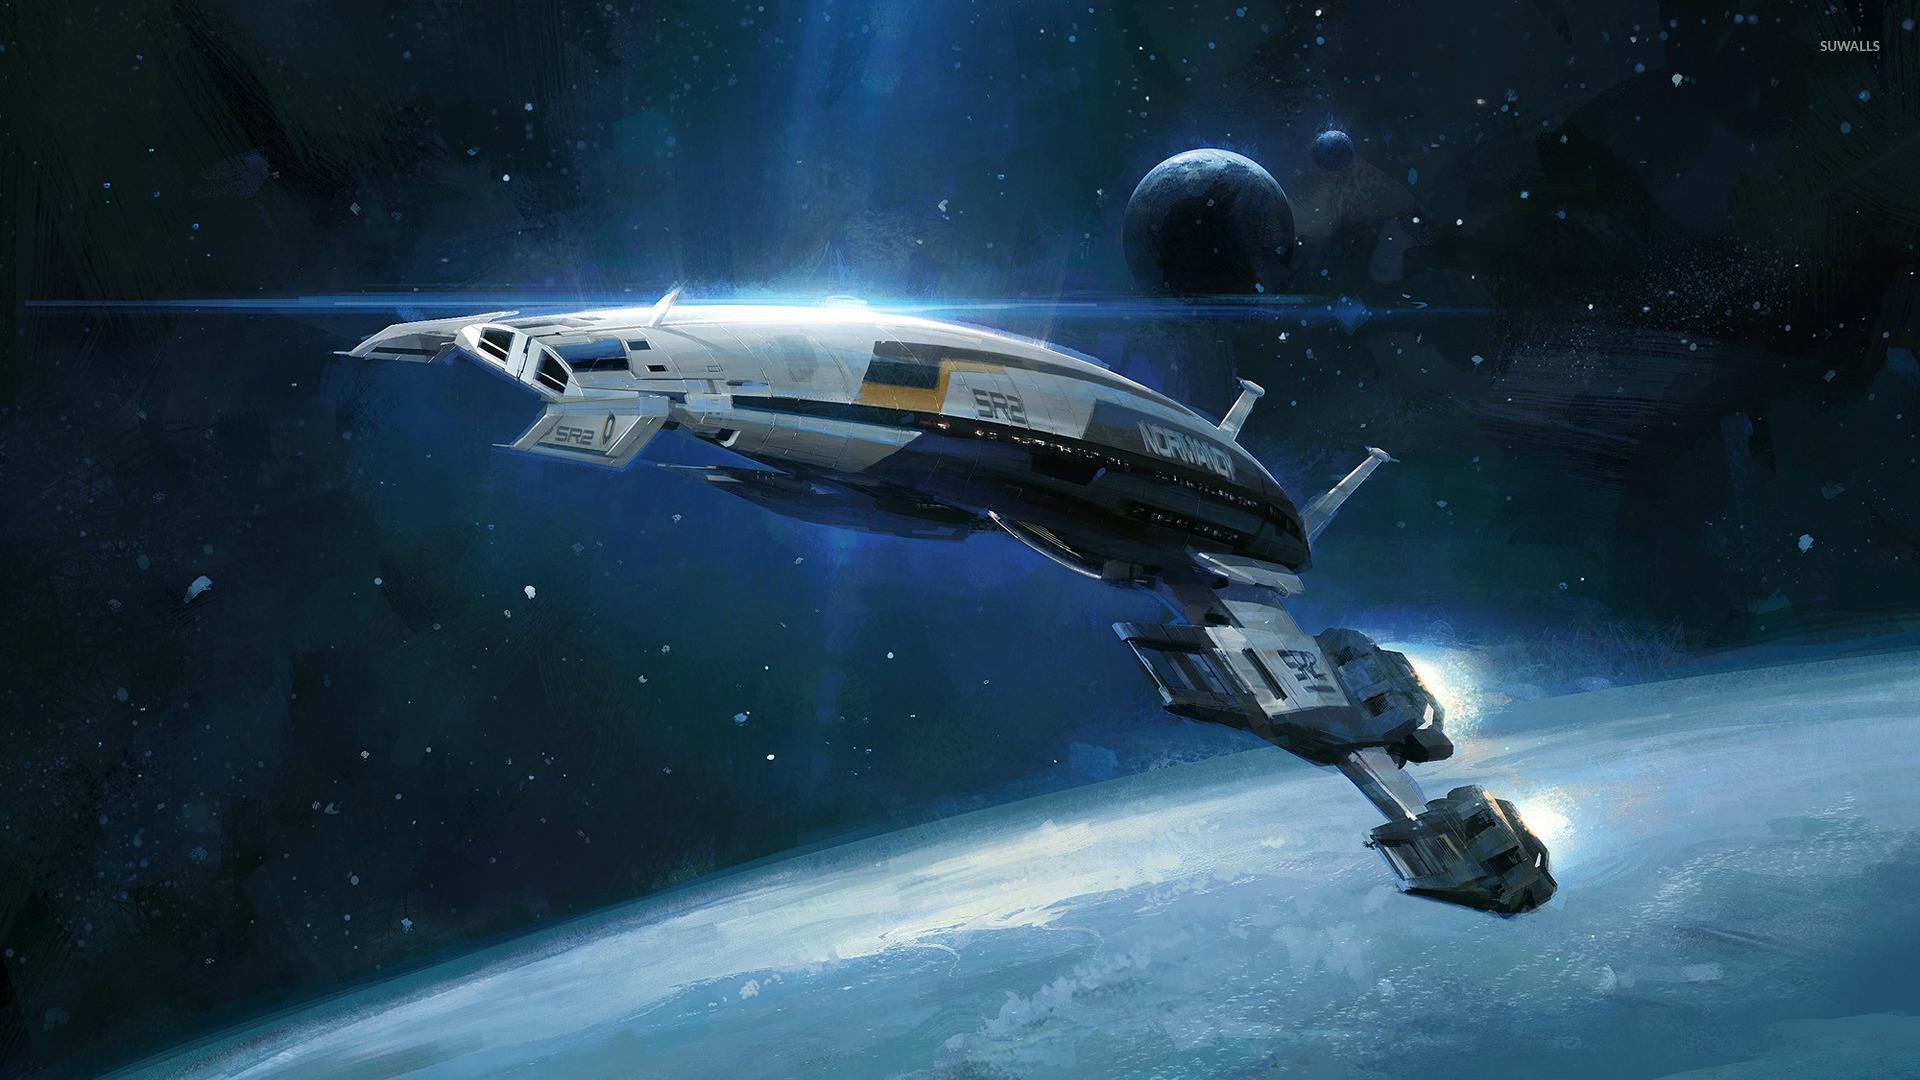 Mass Effect 3 [4] wallpaper